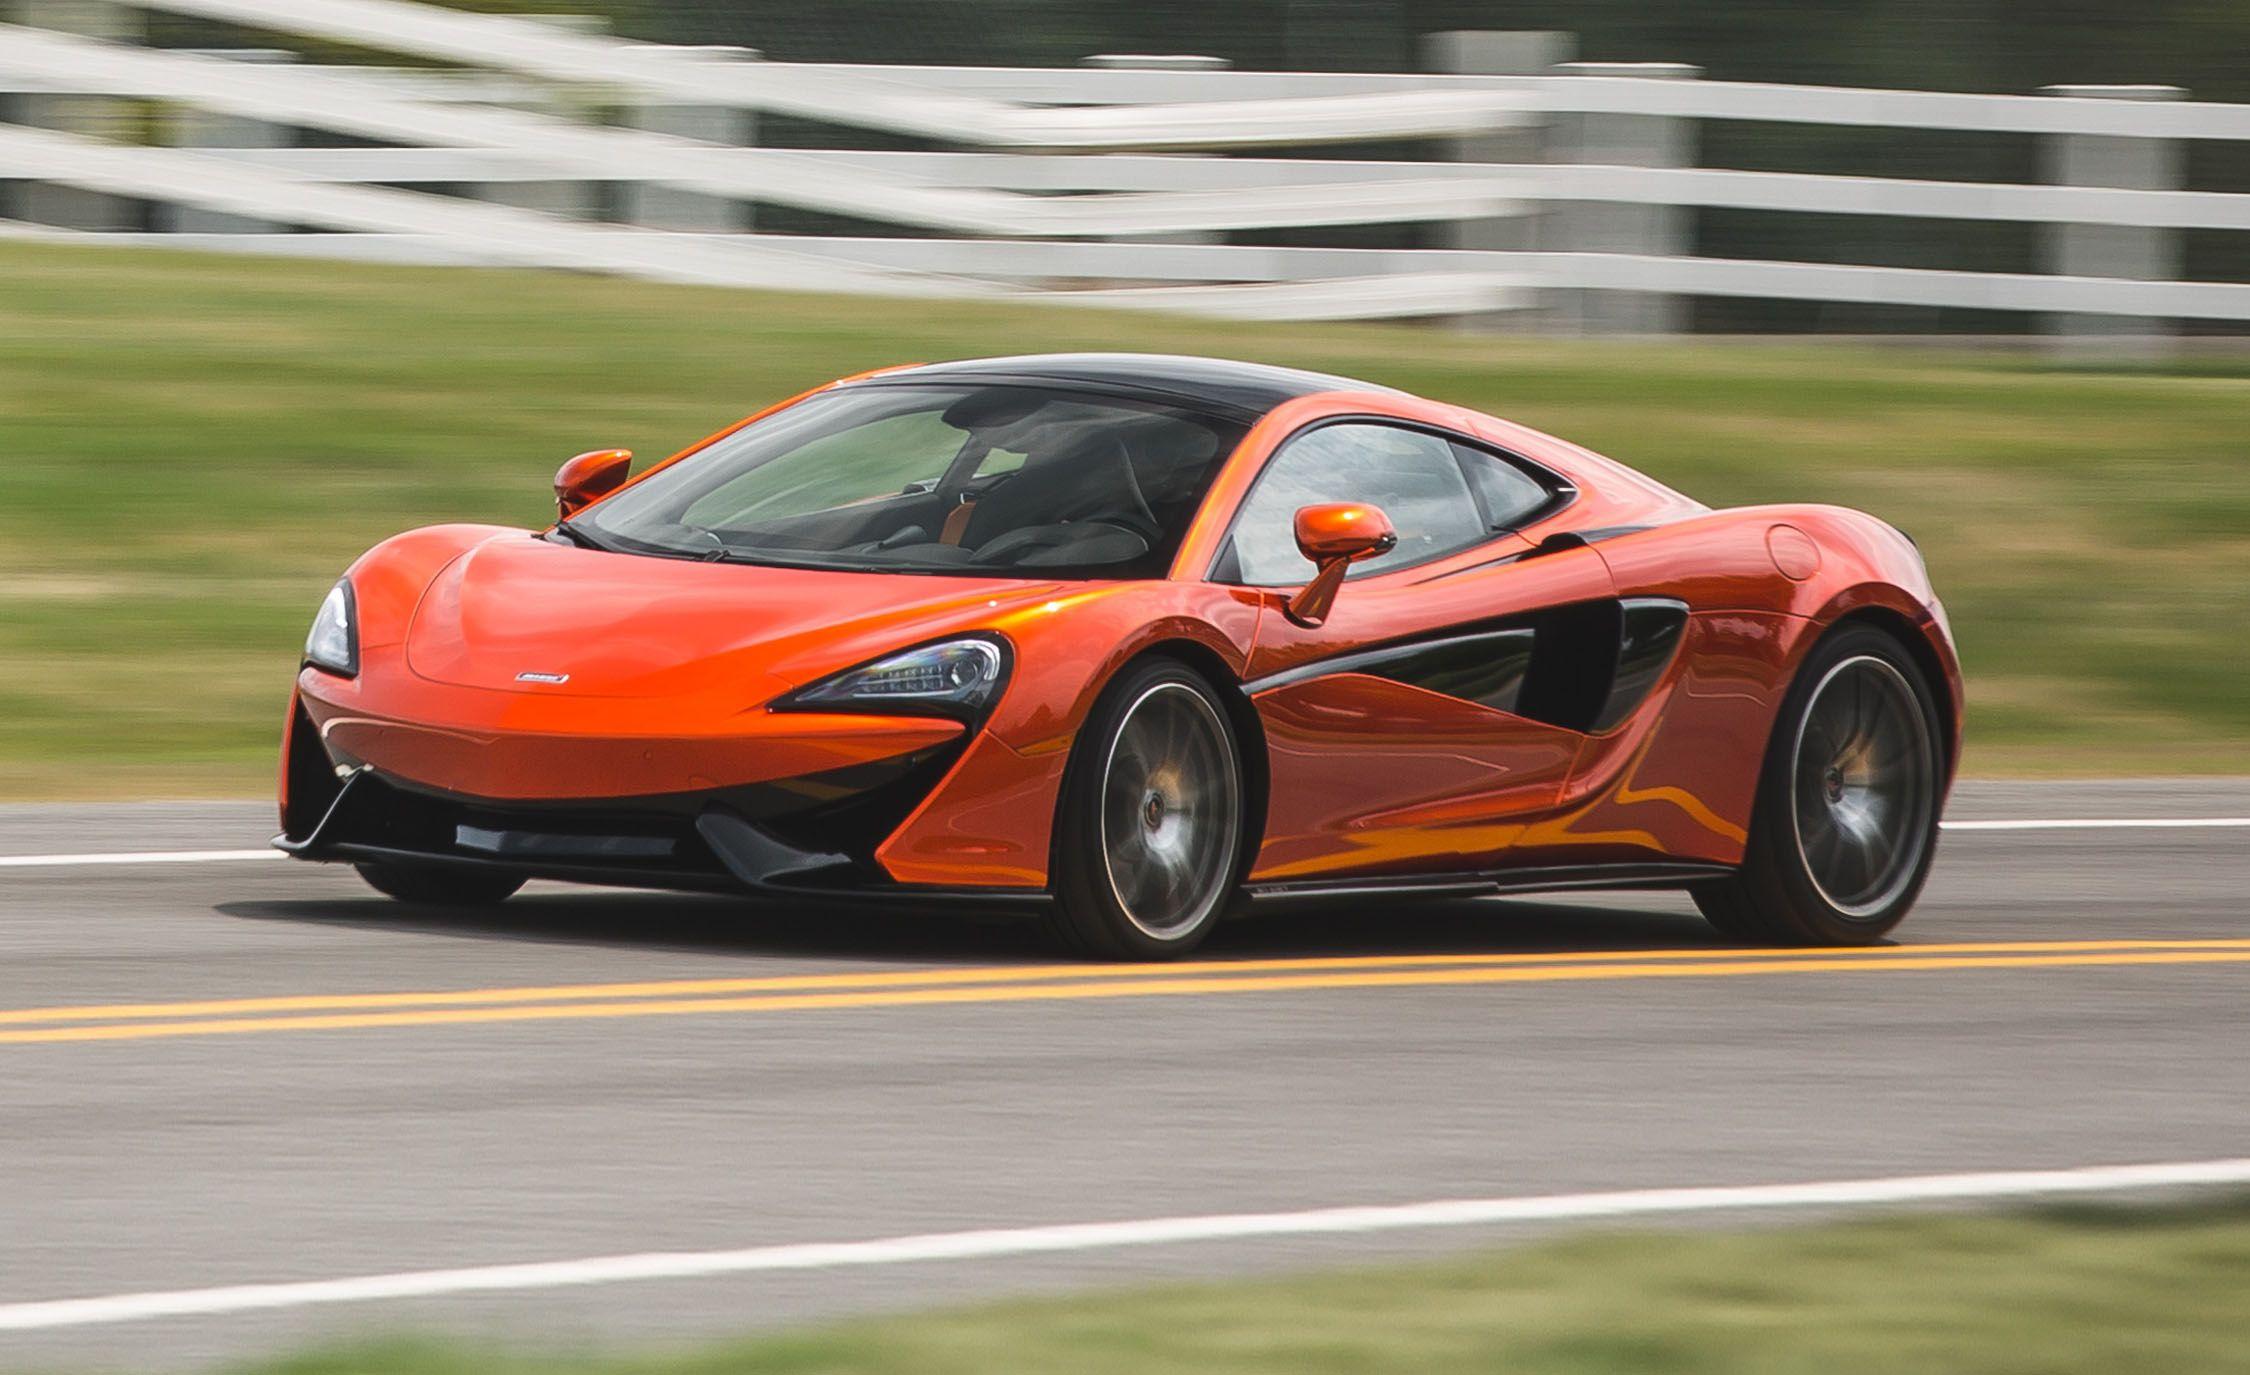 2018 McLaren 570S / 570GT